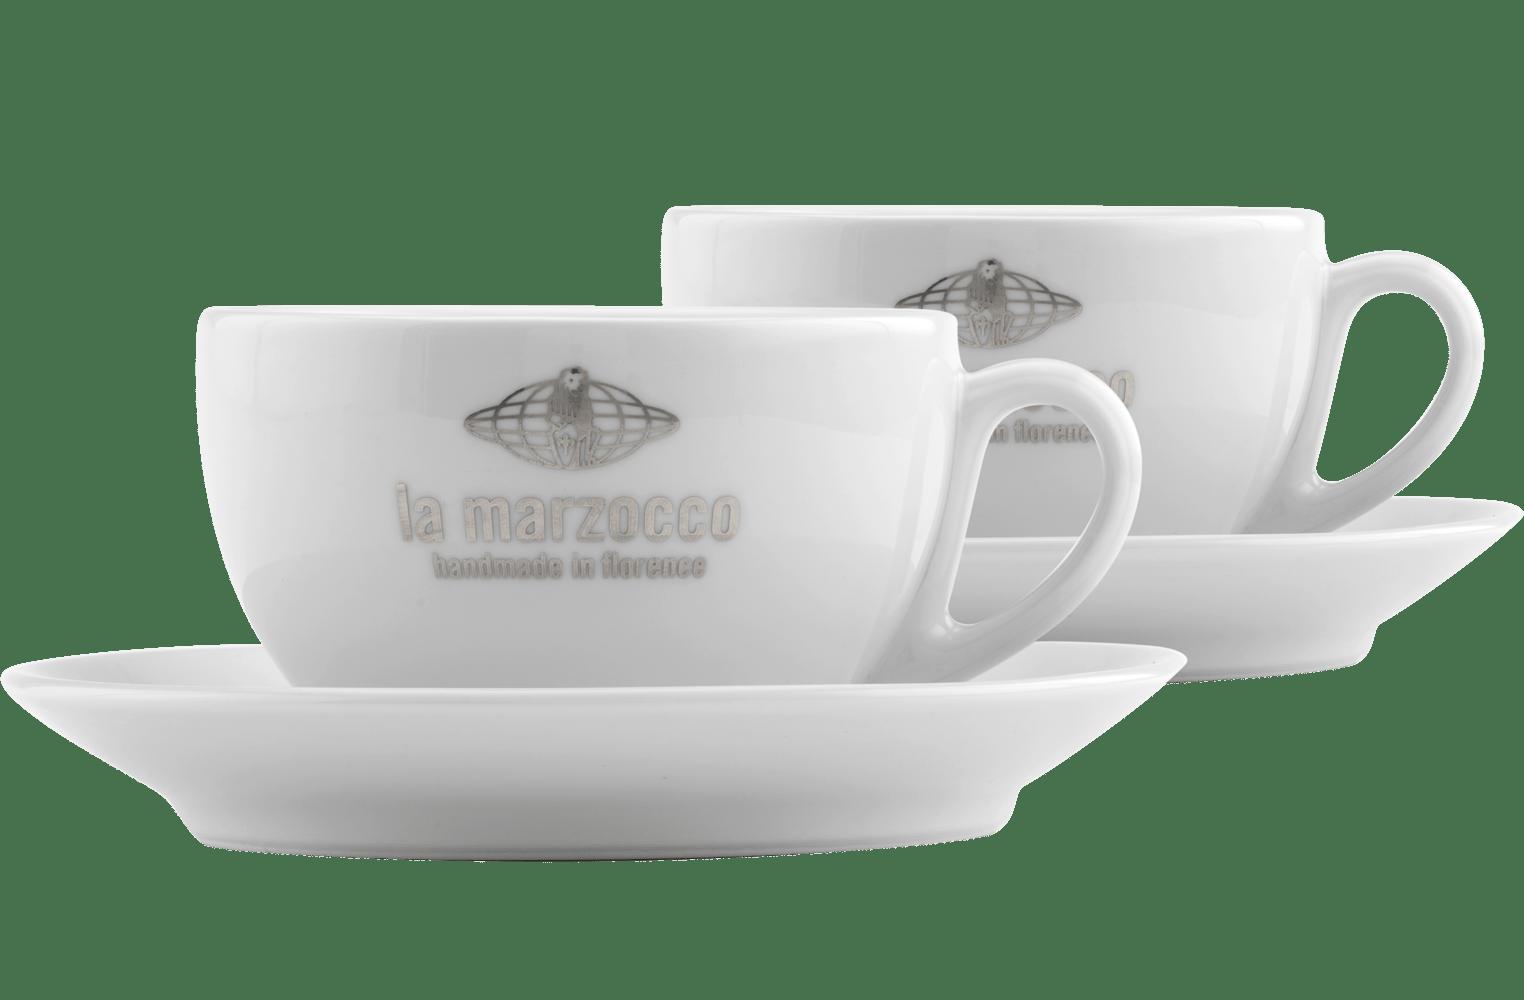 la marzocco latte cups set of 2 la marzocco